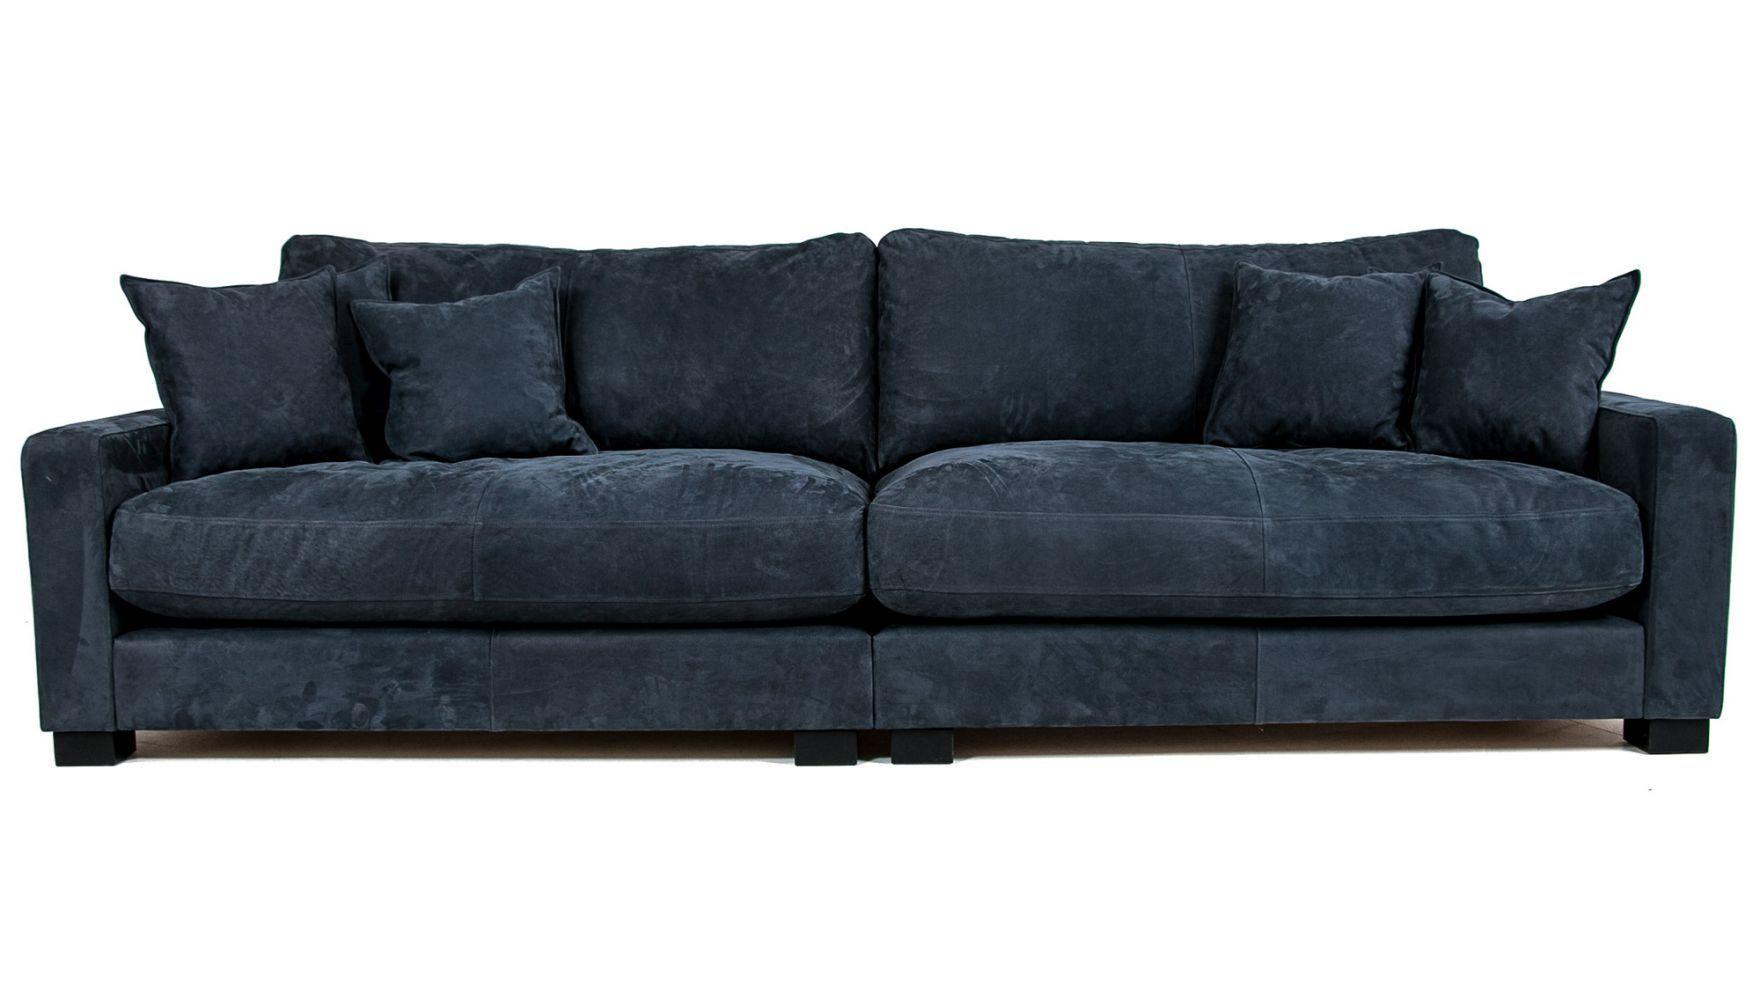 Blå Valen XL skinnsoffa Soffa, skinn, djup, låg, dun, rymlig, vardagsrum, möbler, möbel